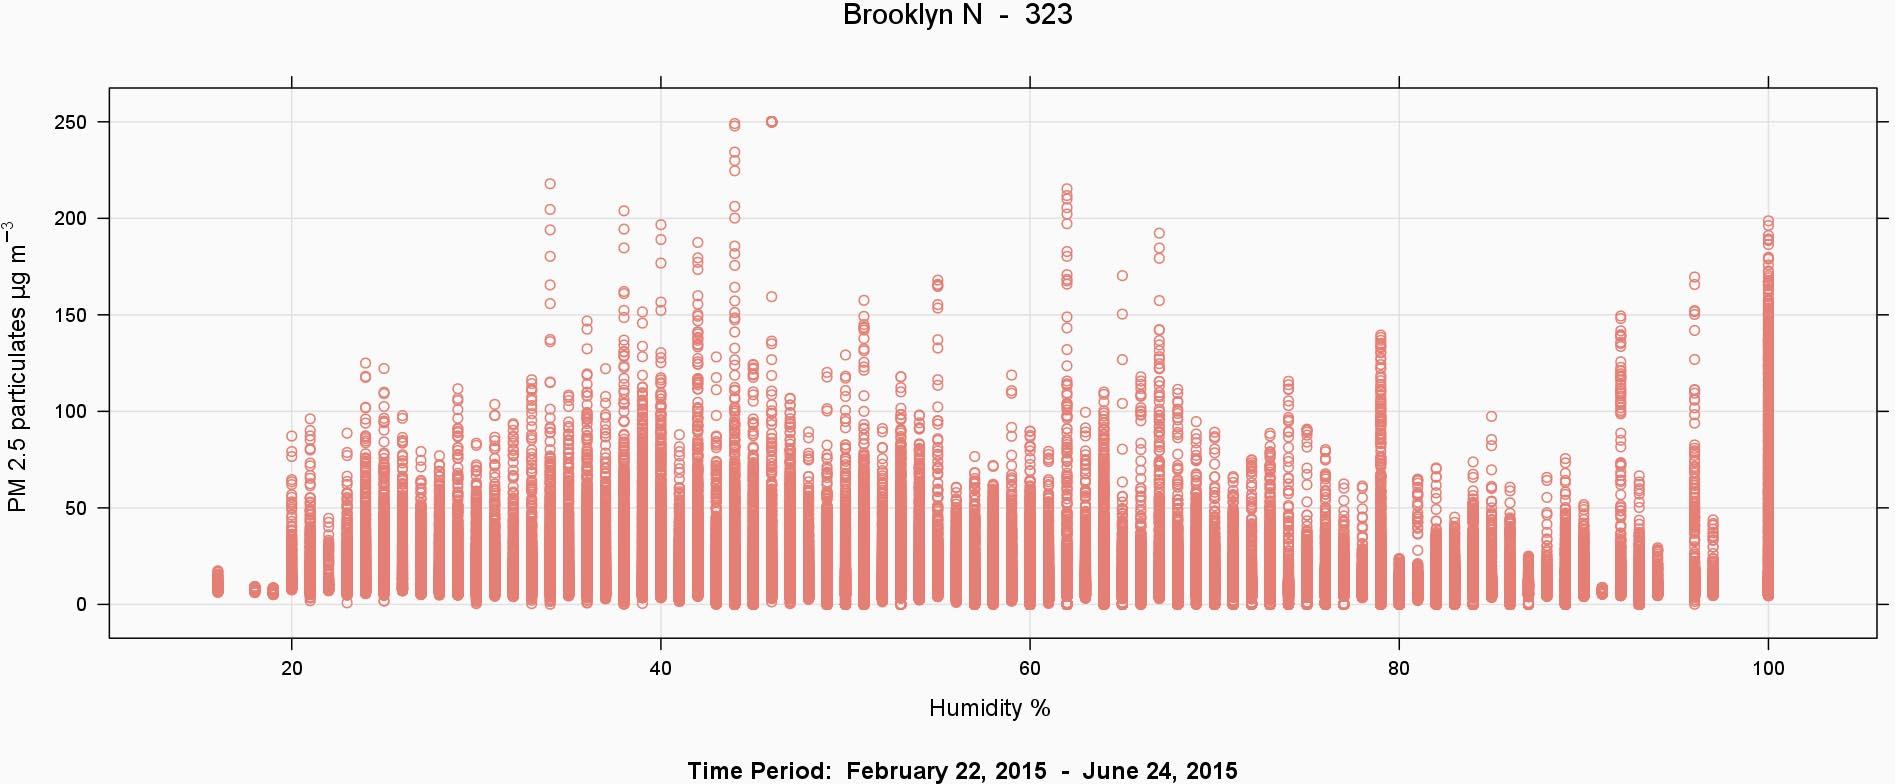 Fig9_BrooklynN_323_hum